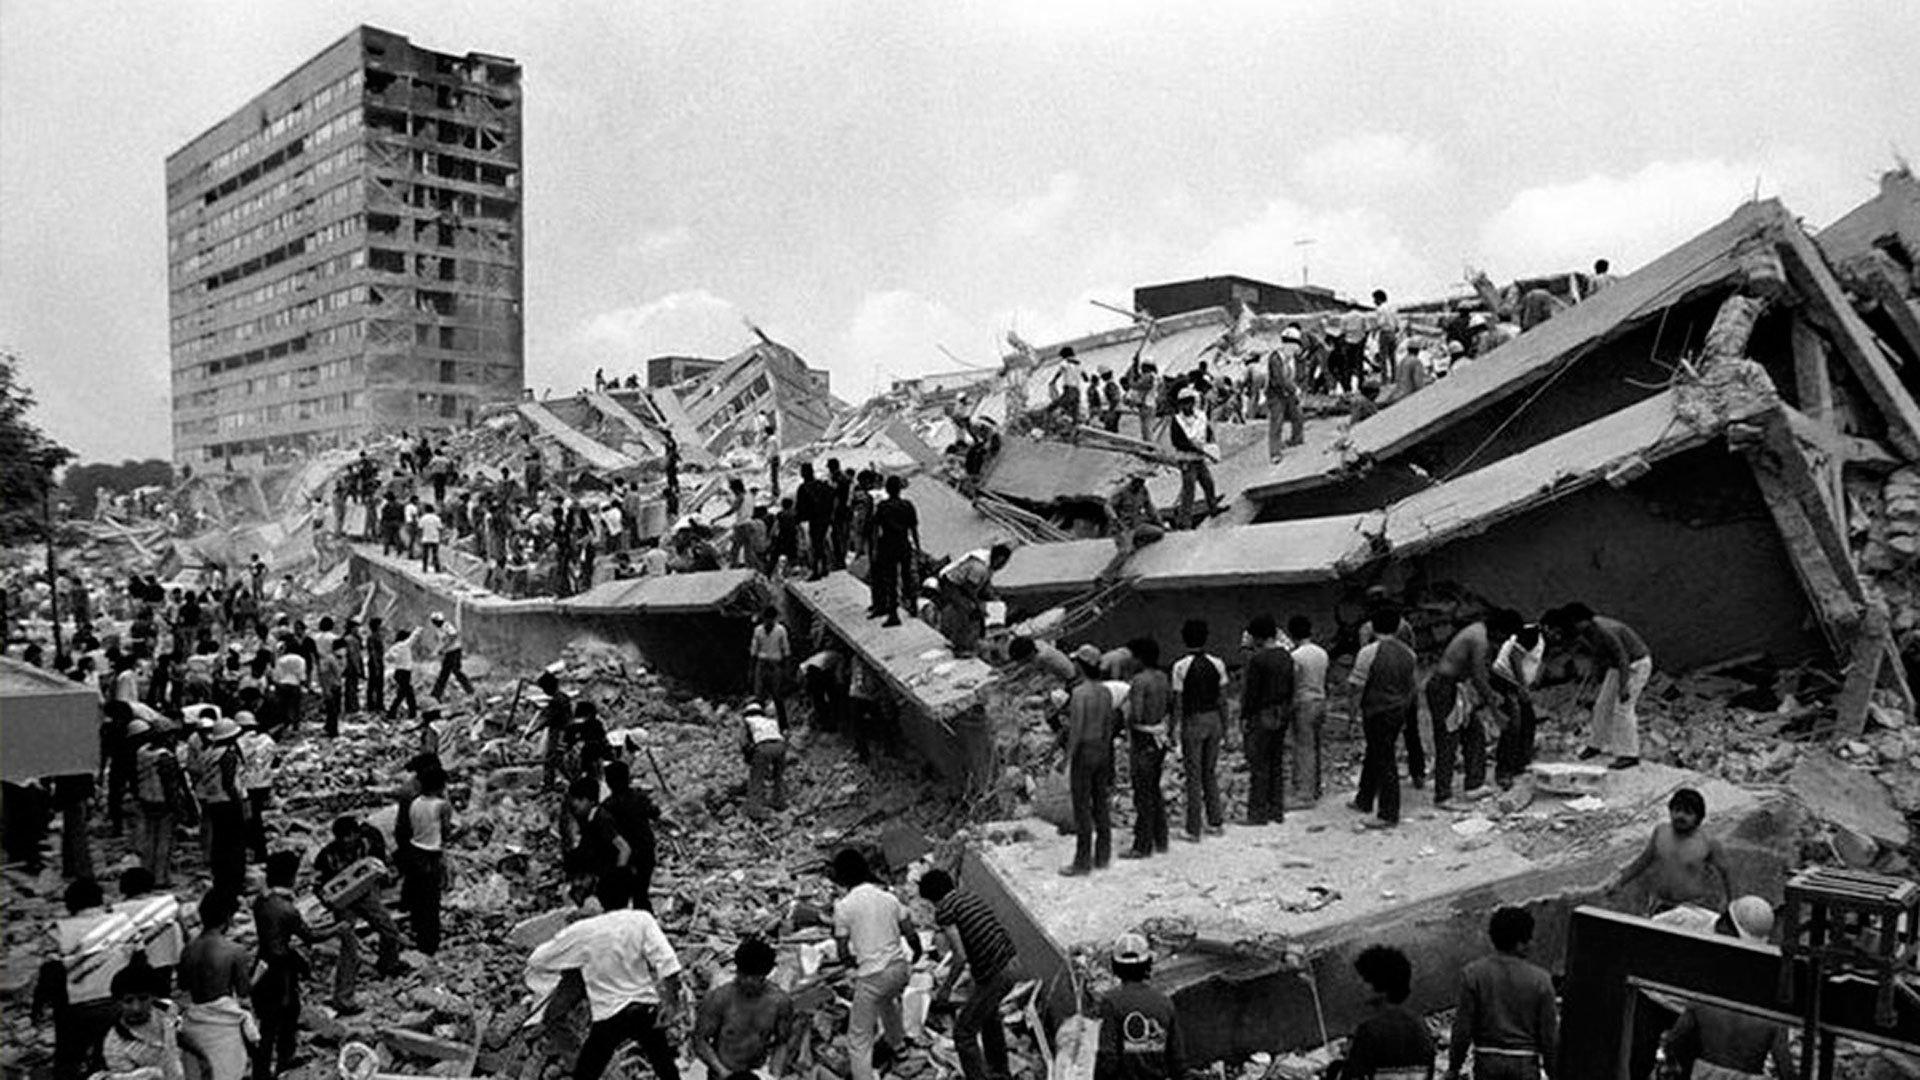 Ciudad de México. 19 de septiembre de 1985.Al menos 9.500 personas murieron en el sismo (8,0 en la escala de Richter) que afectó a la capital de México y otros municipios del centro del país. En la capital, colapsaron 412 edificios y otros 3.124 sufrieron daños severos